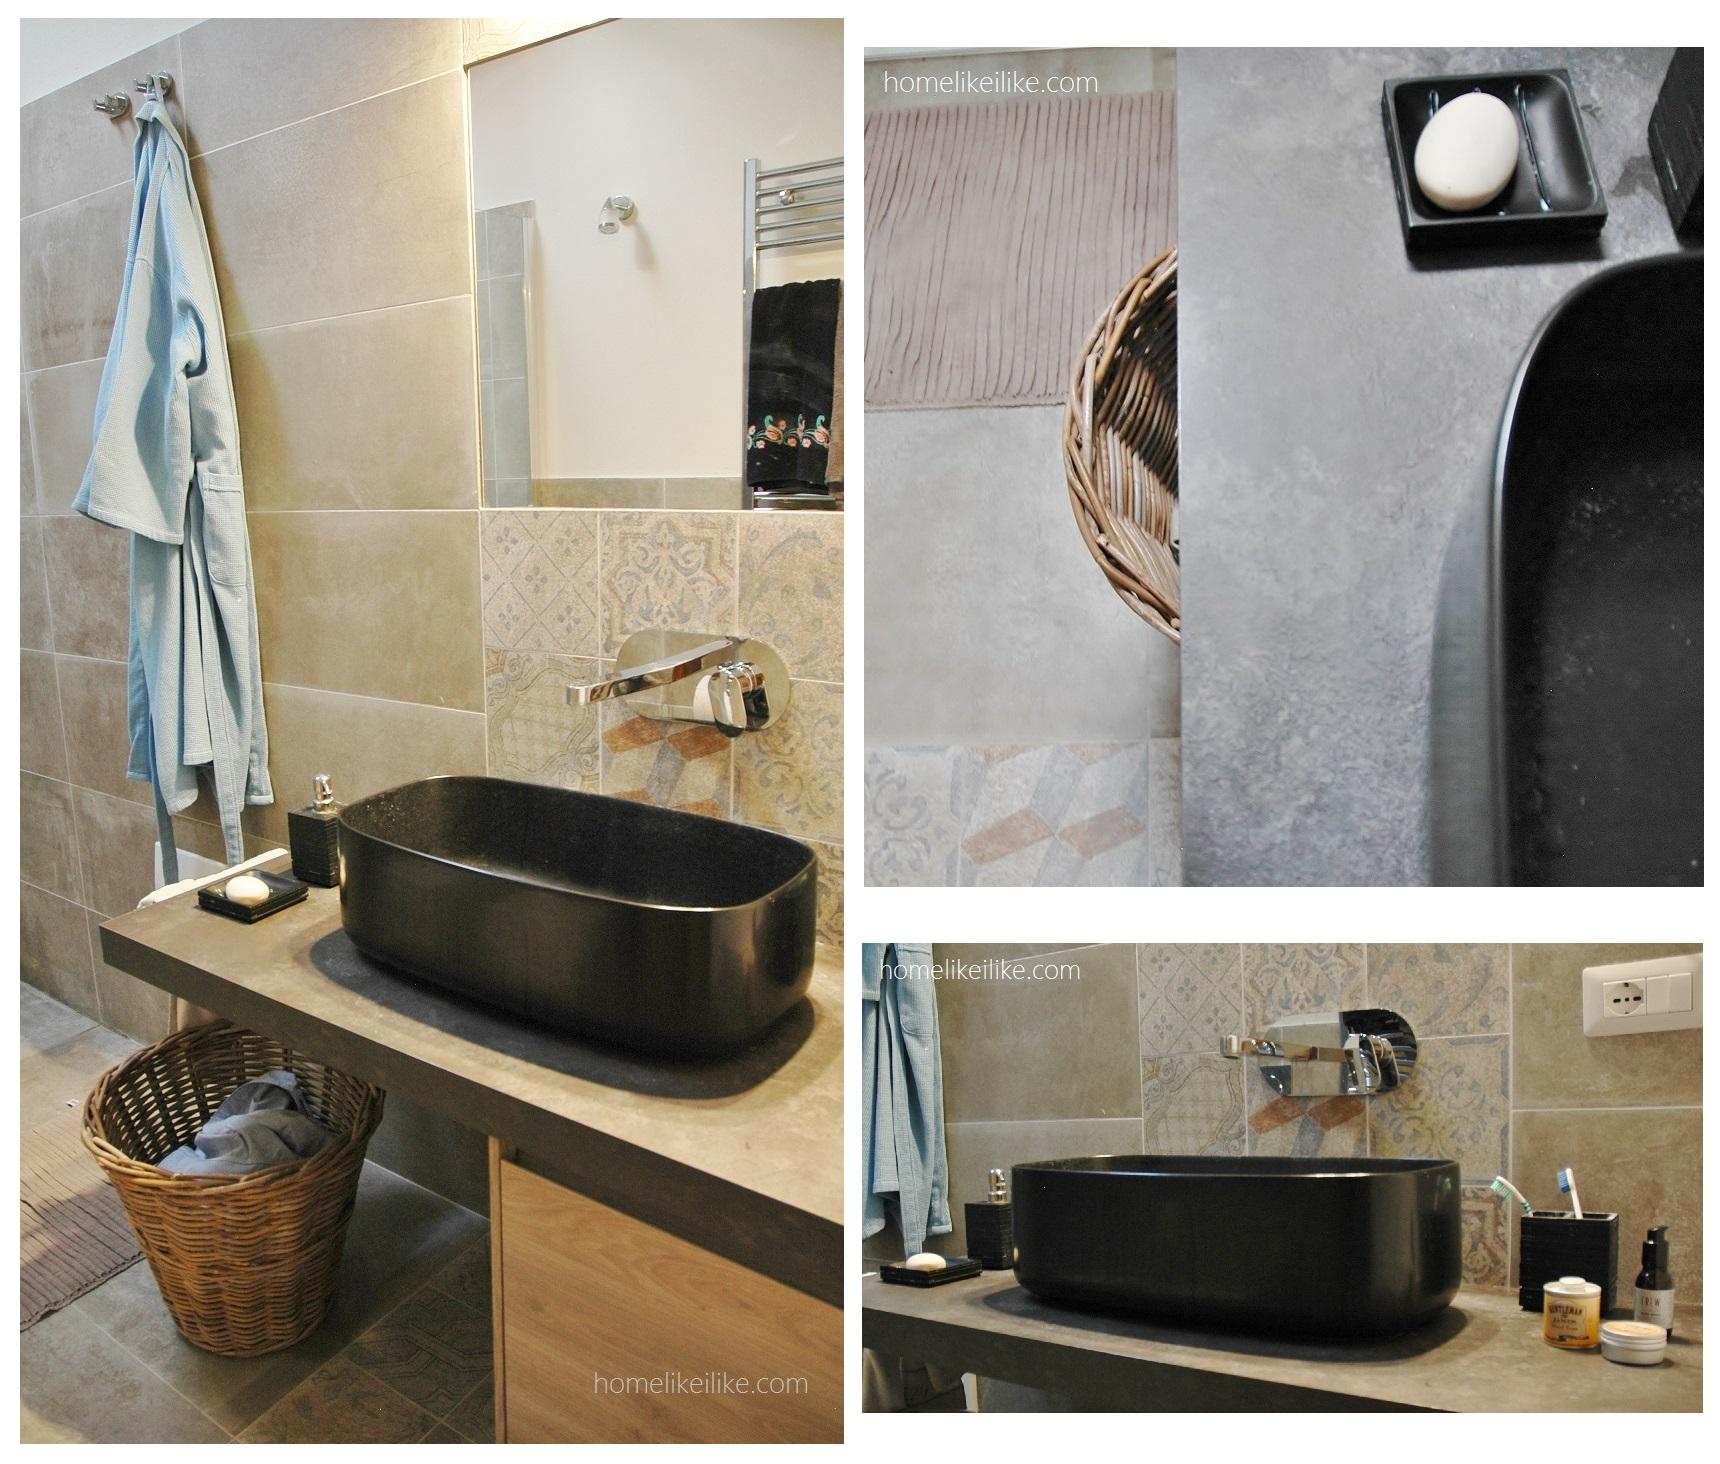 Mediterranean bathroom - homelikeilike.com